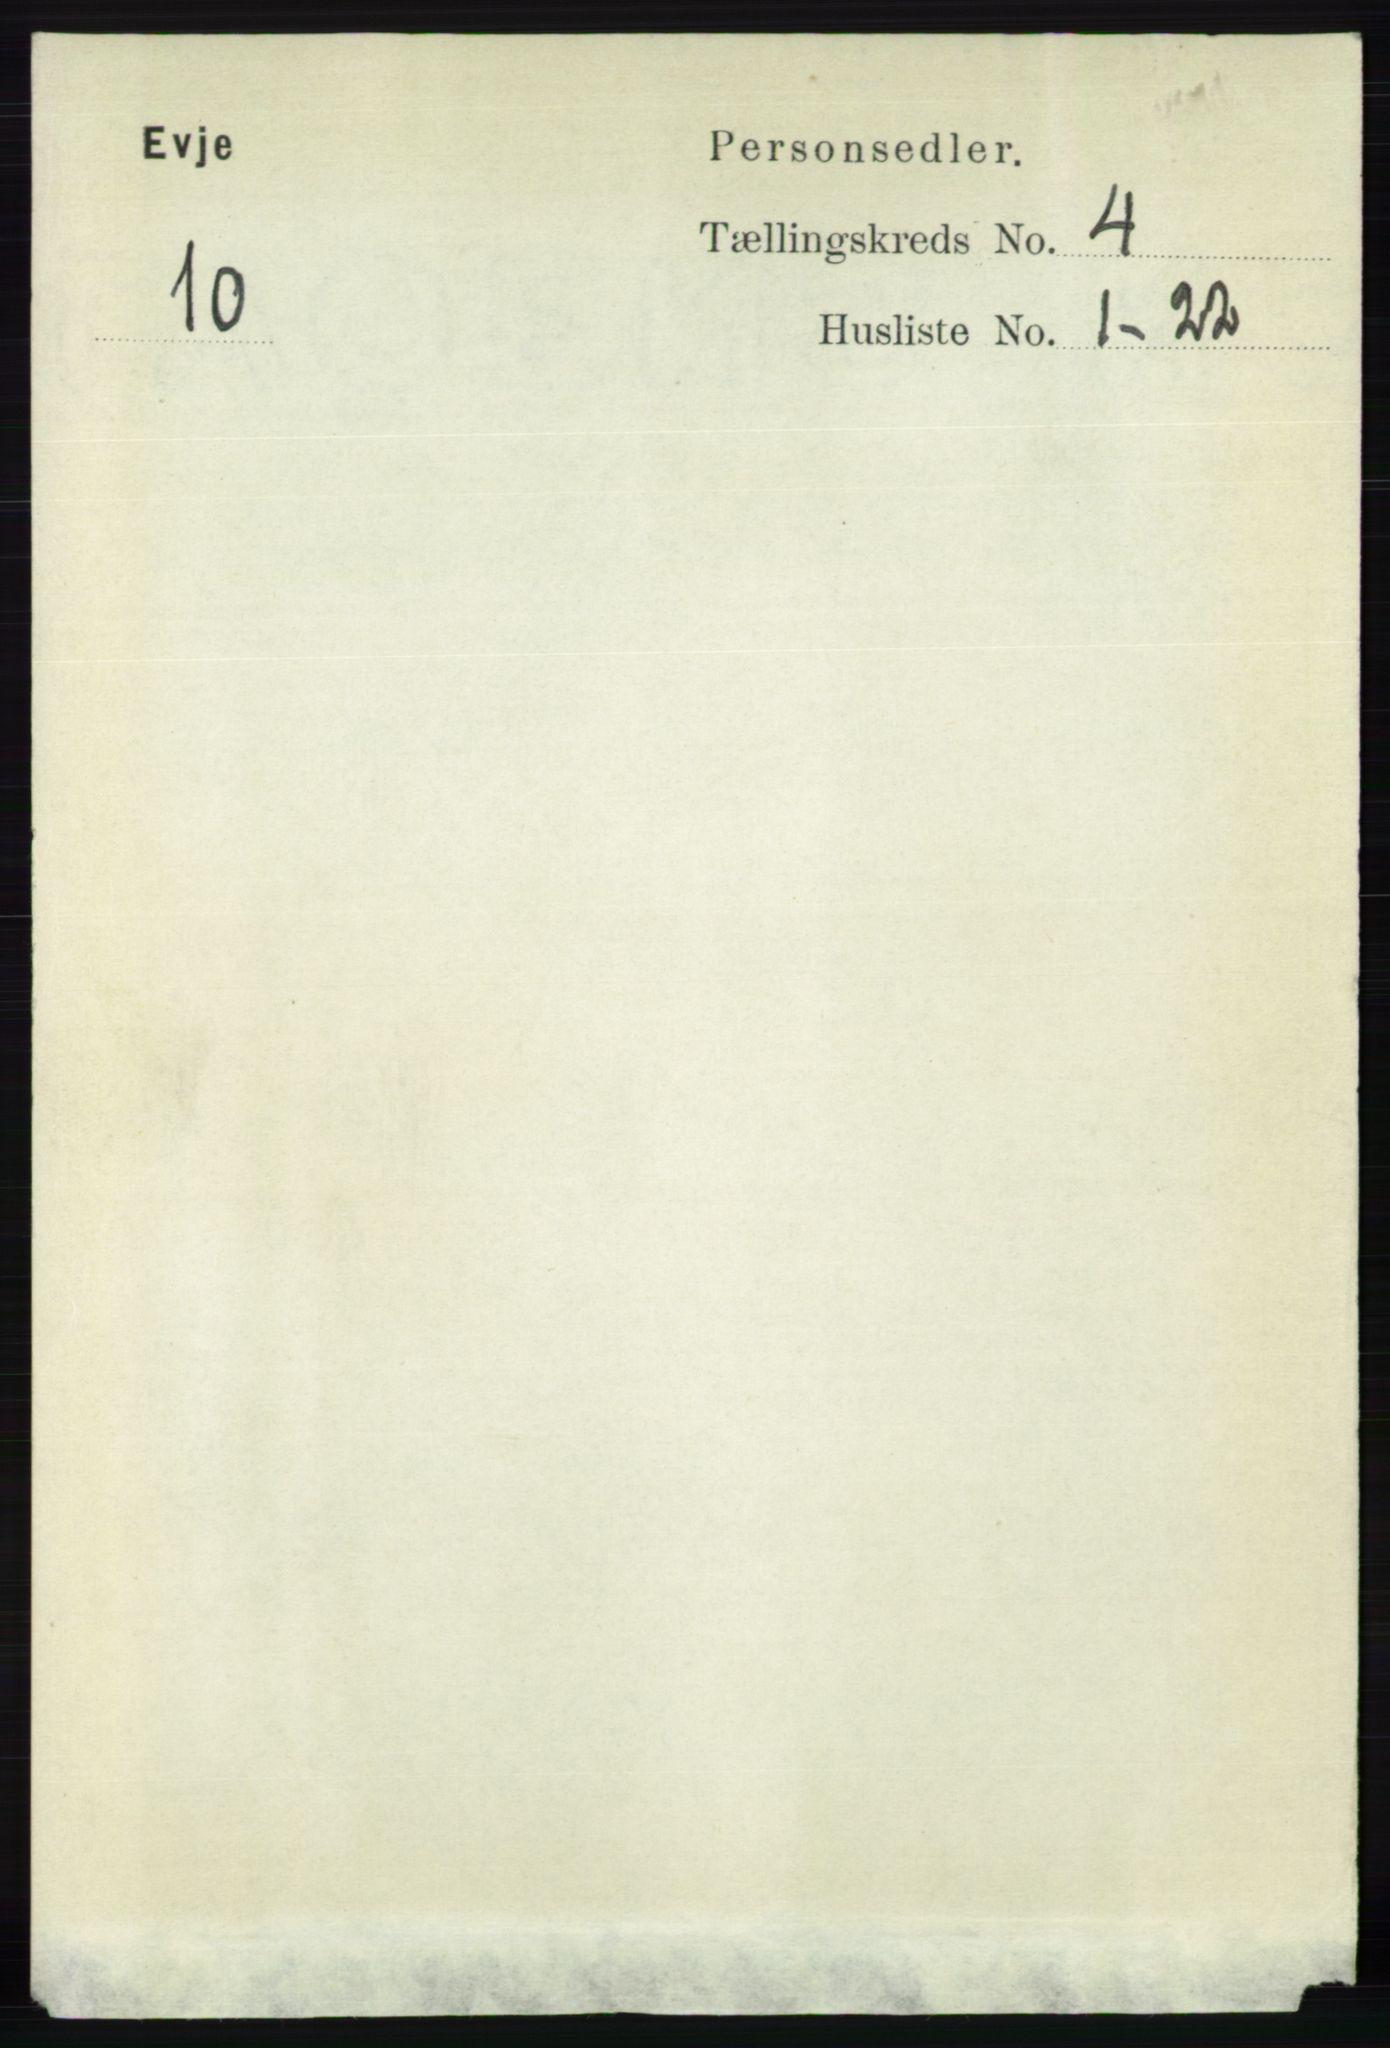 RA, Folketelling 1891 for 0937 Evje herred, 1891, s. 948